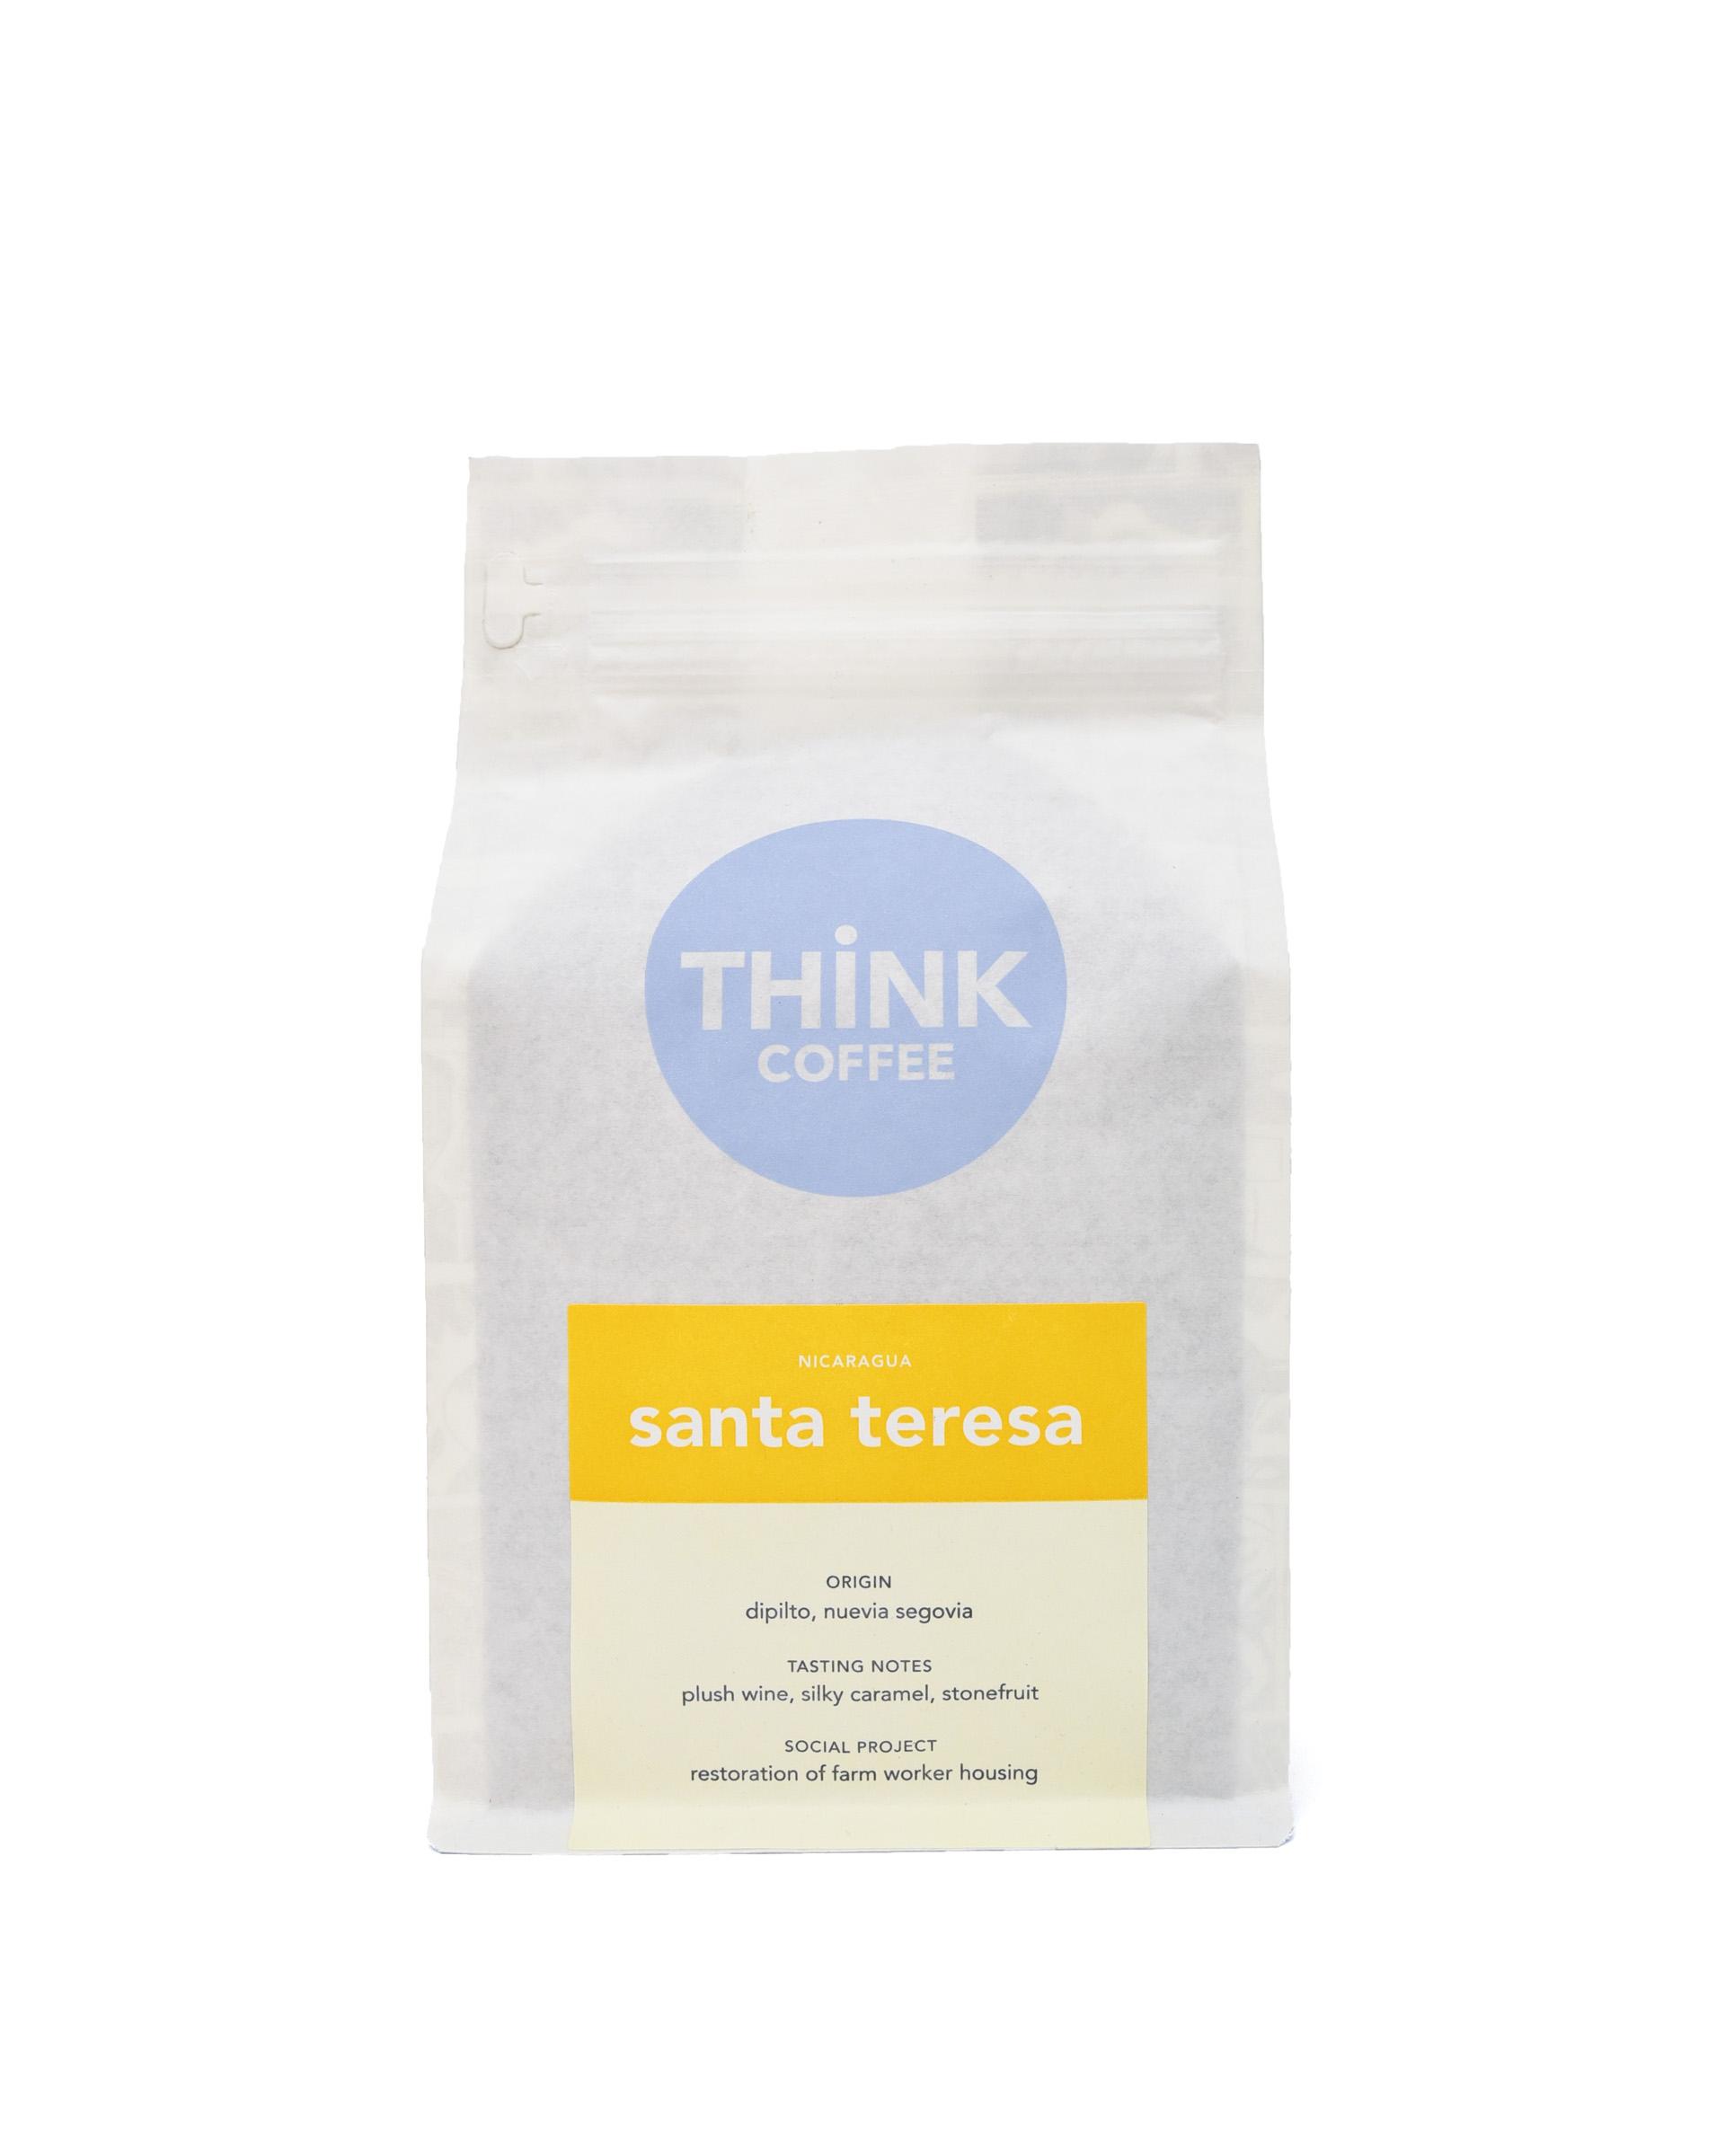 20190814_thinkcoffee_RetailBagsPureWhite00005 (1).jpg